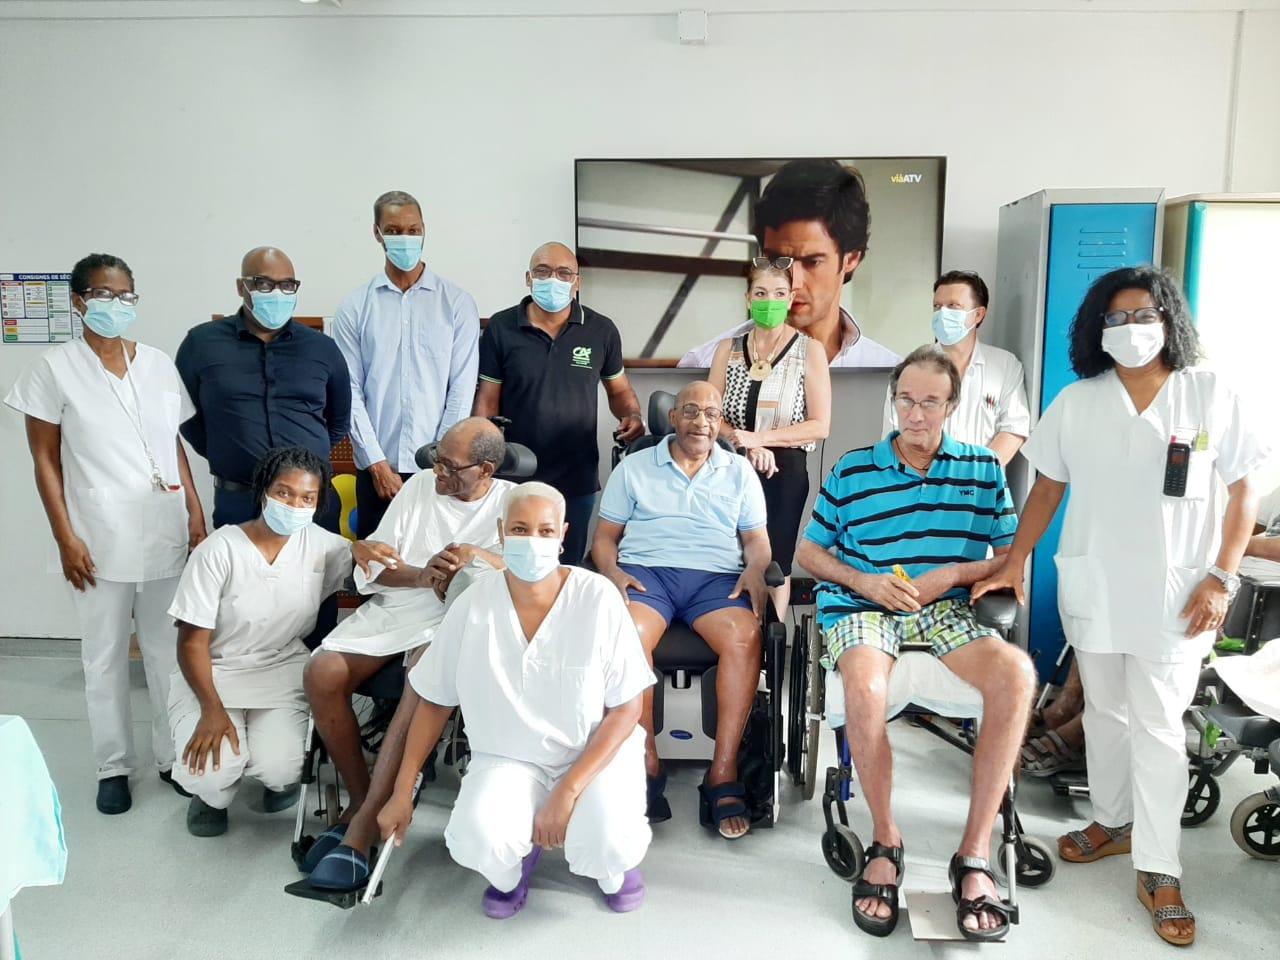 Lutte contre l'isolement : les résidents de l'EPHAD Emma Ventura reçoivent des dons